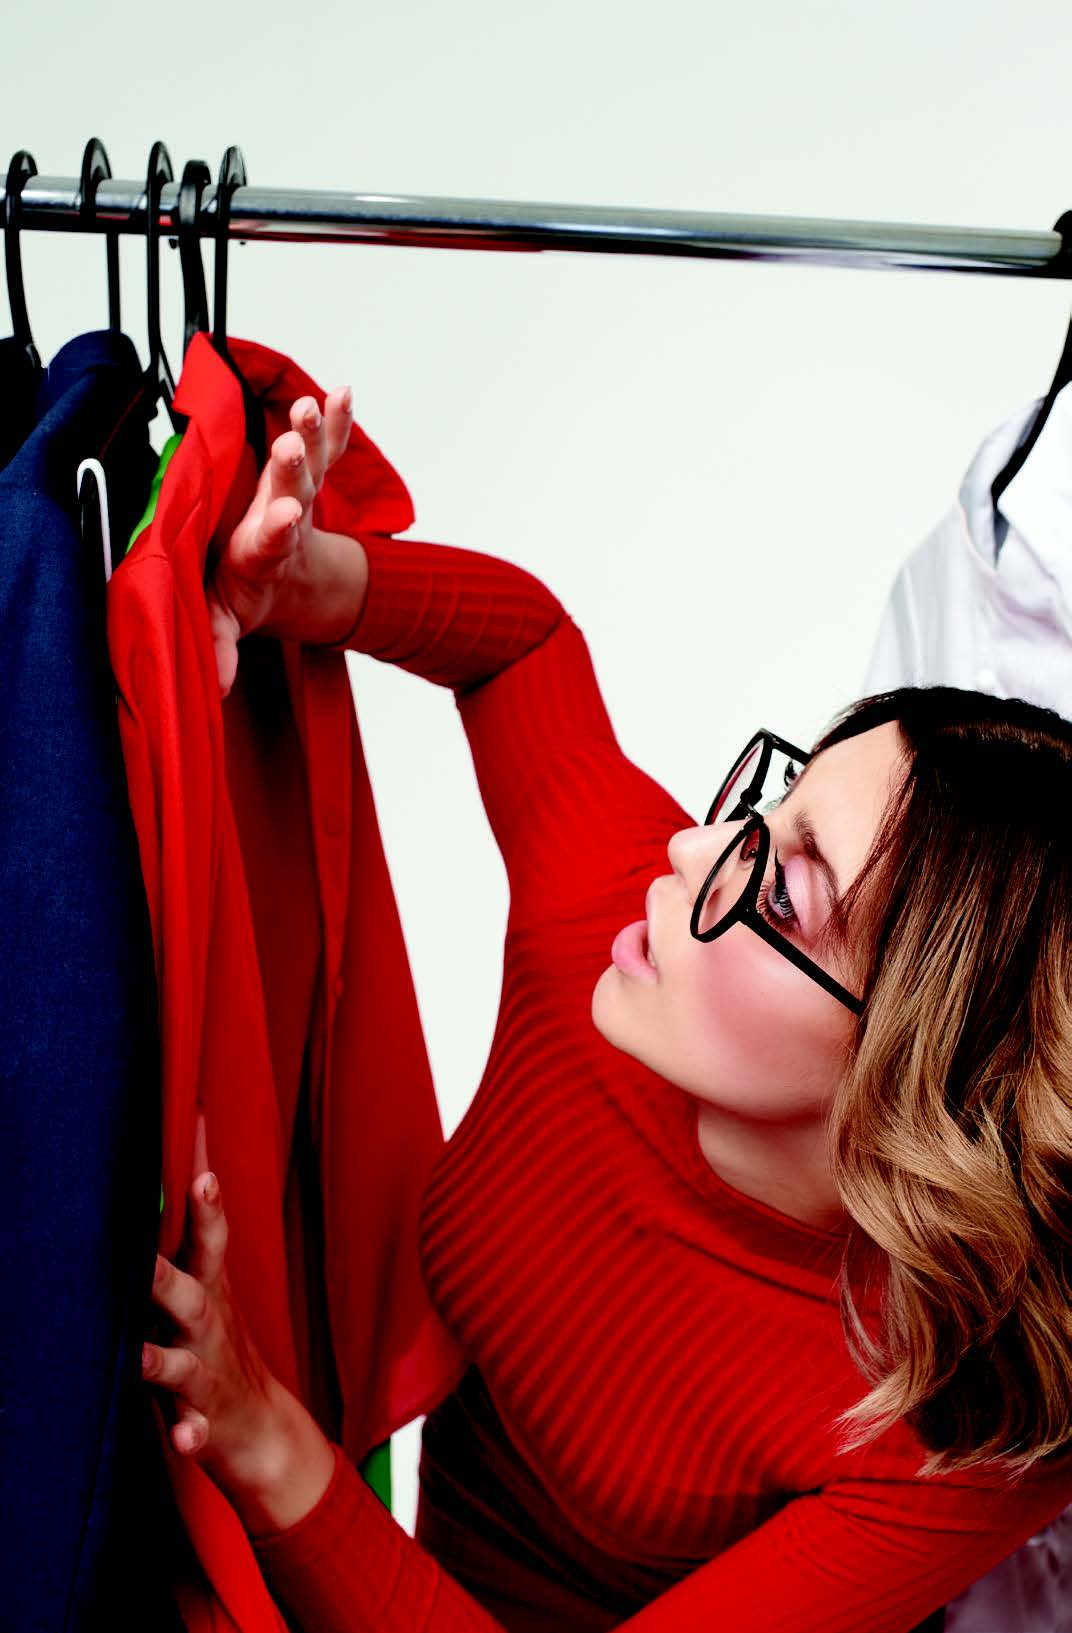 La mode et moi: mes hauts, mes bas ou comment éviter les impairs